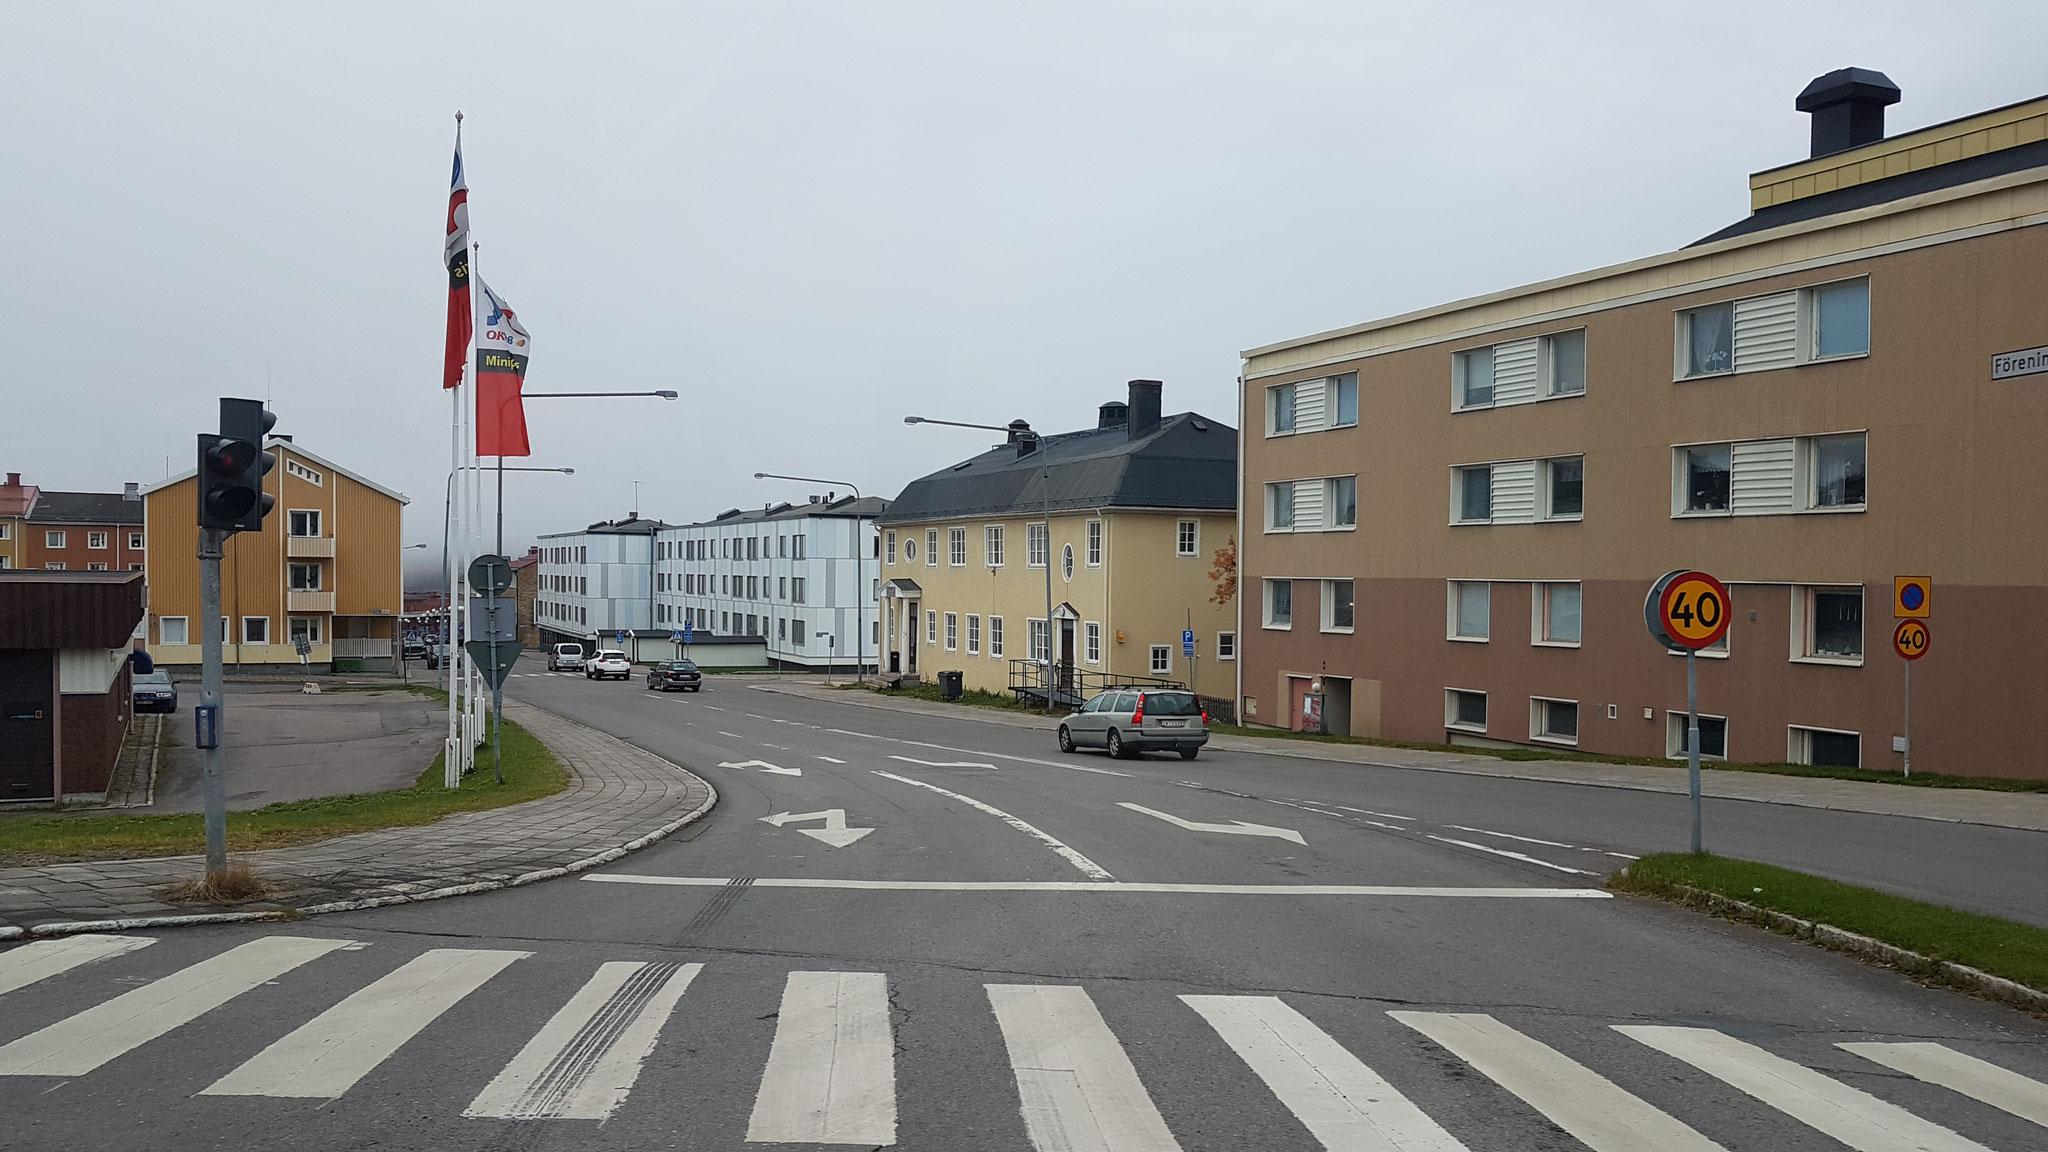 Wären wir doch besser in Norwegen geblieben? ;-)